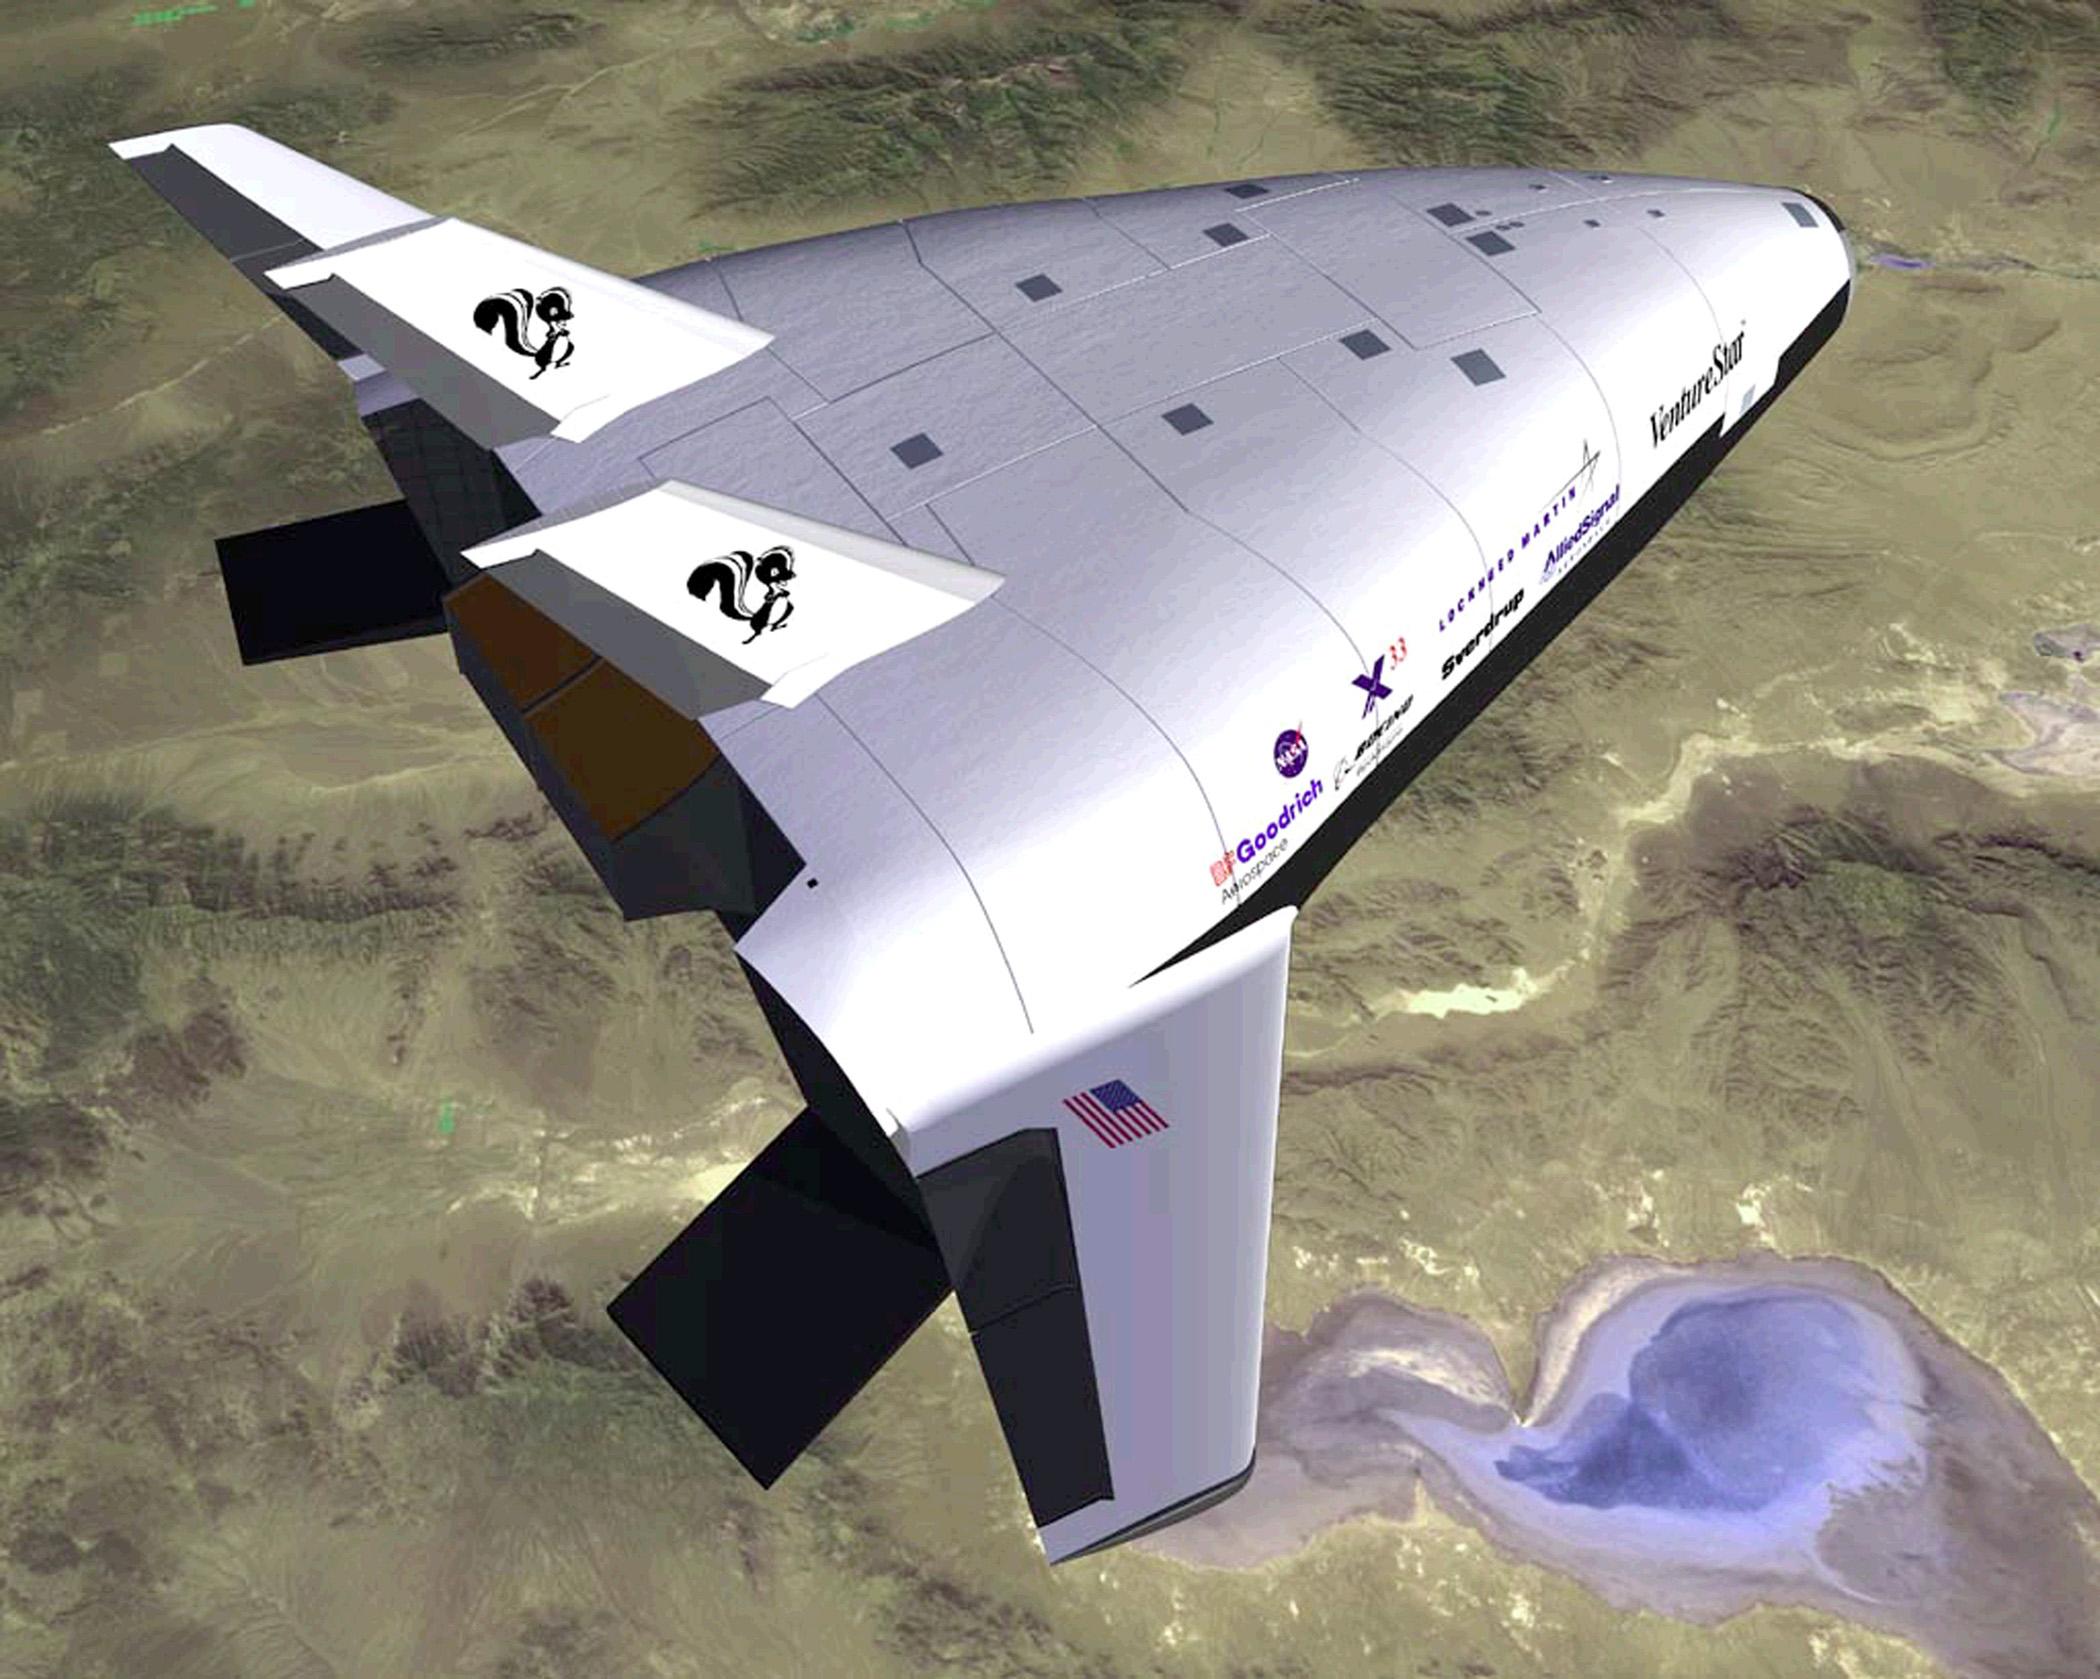 x plane spacecraft - photo #29